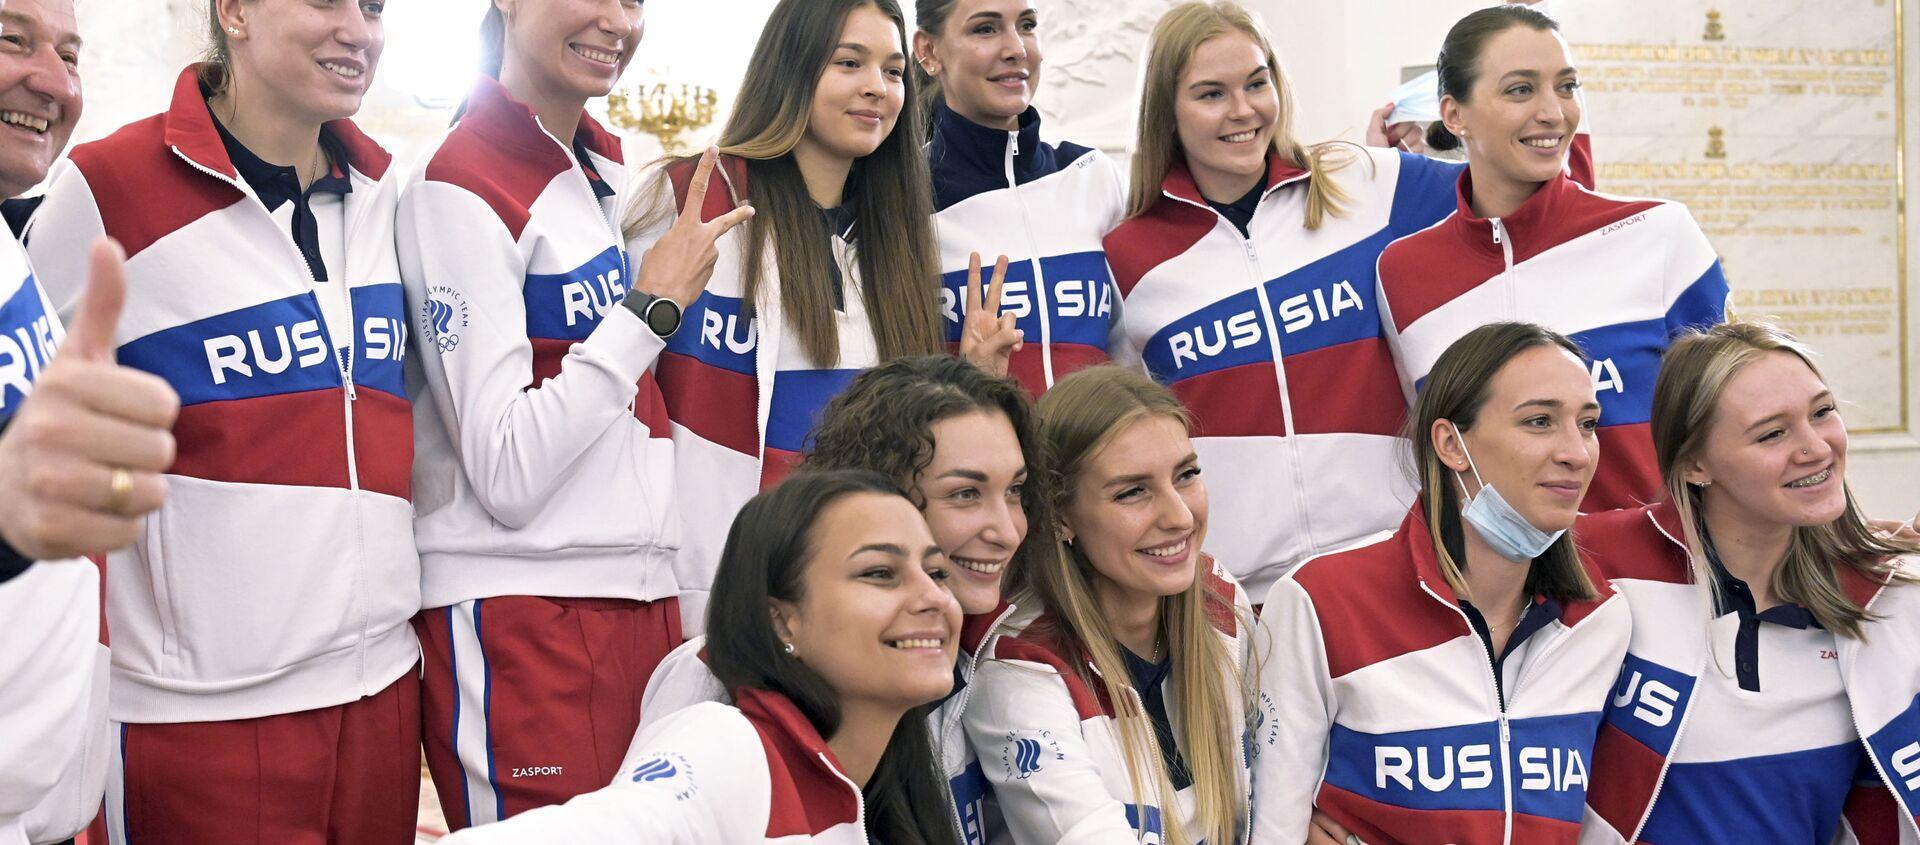 Các thành viên của đội Olympic Nga chụp ảnh tập thể sau cuộc gặp với Tổng thống Nga Vladimir Putin trước thềm Thế vận hội Mùa hè Tokyo ở Moscow, Nga - Sputnik Việt Nam, 1920, 04.08.2021